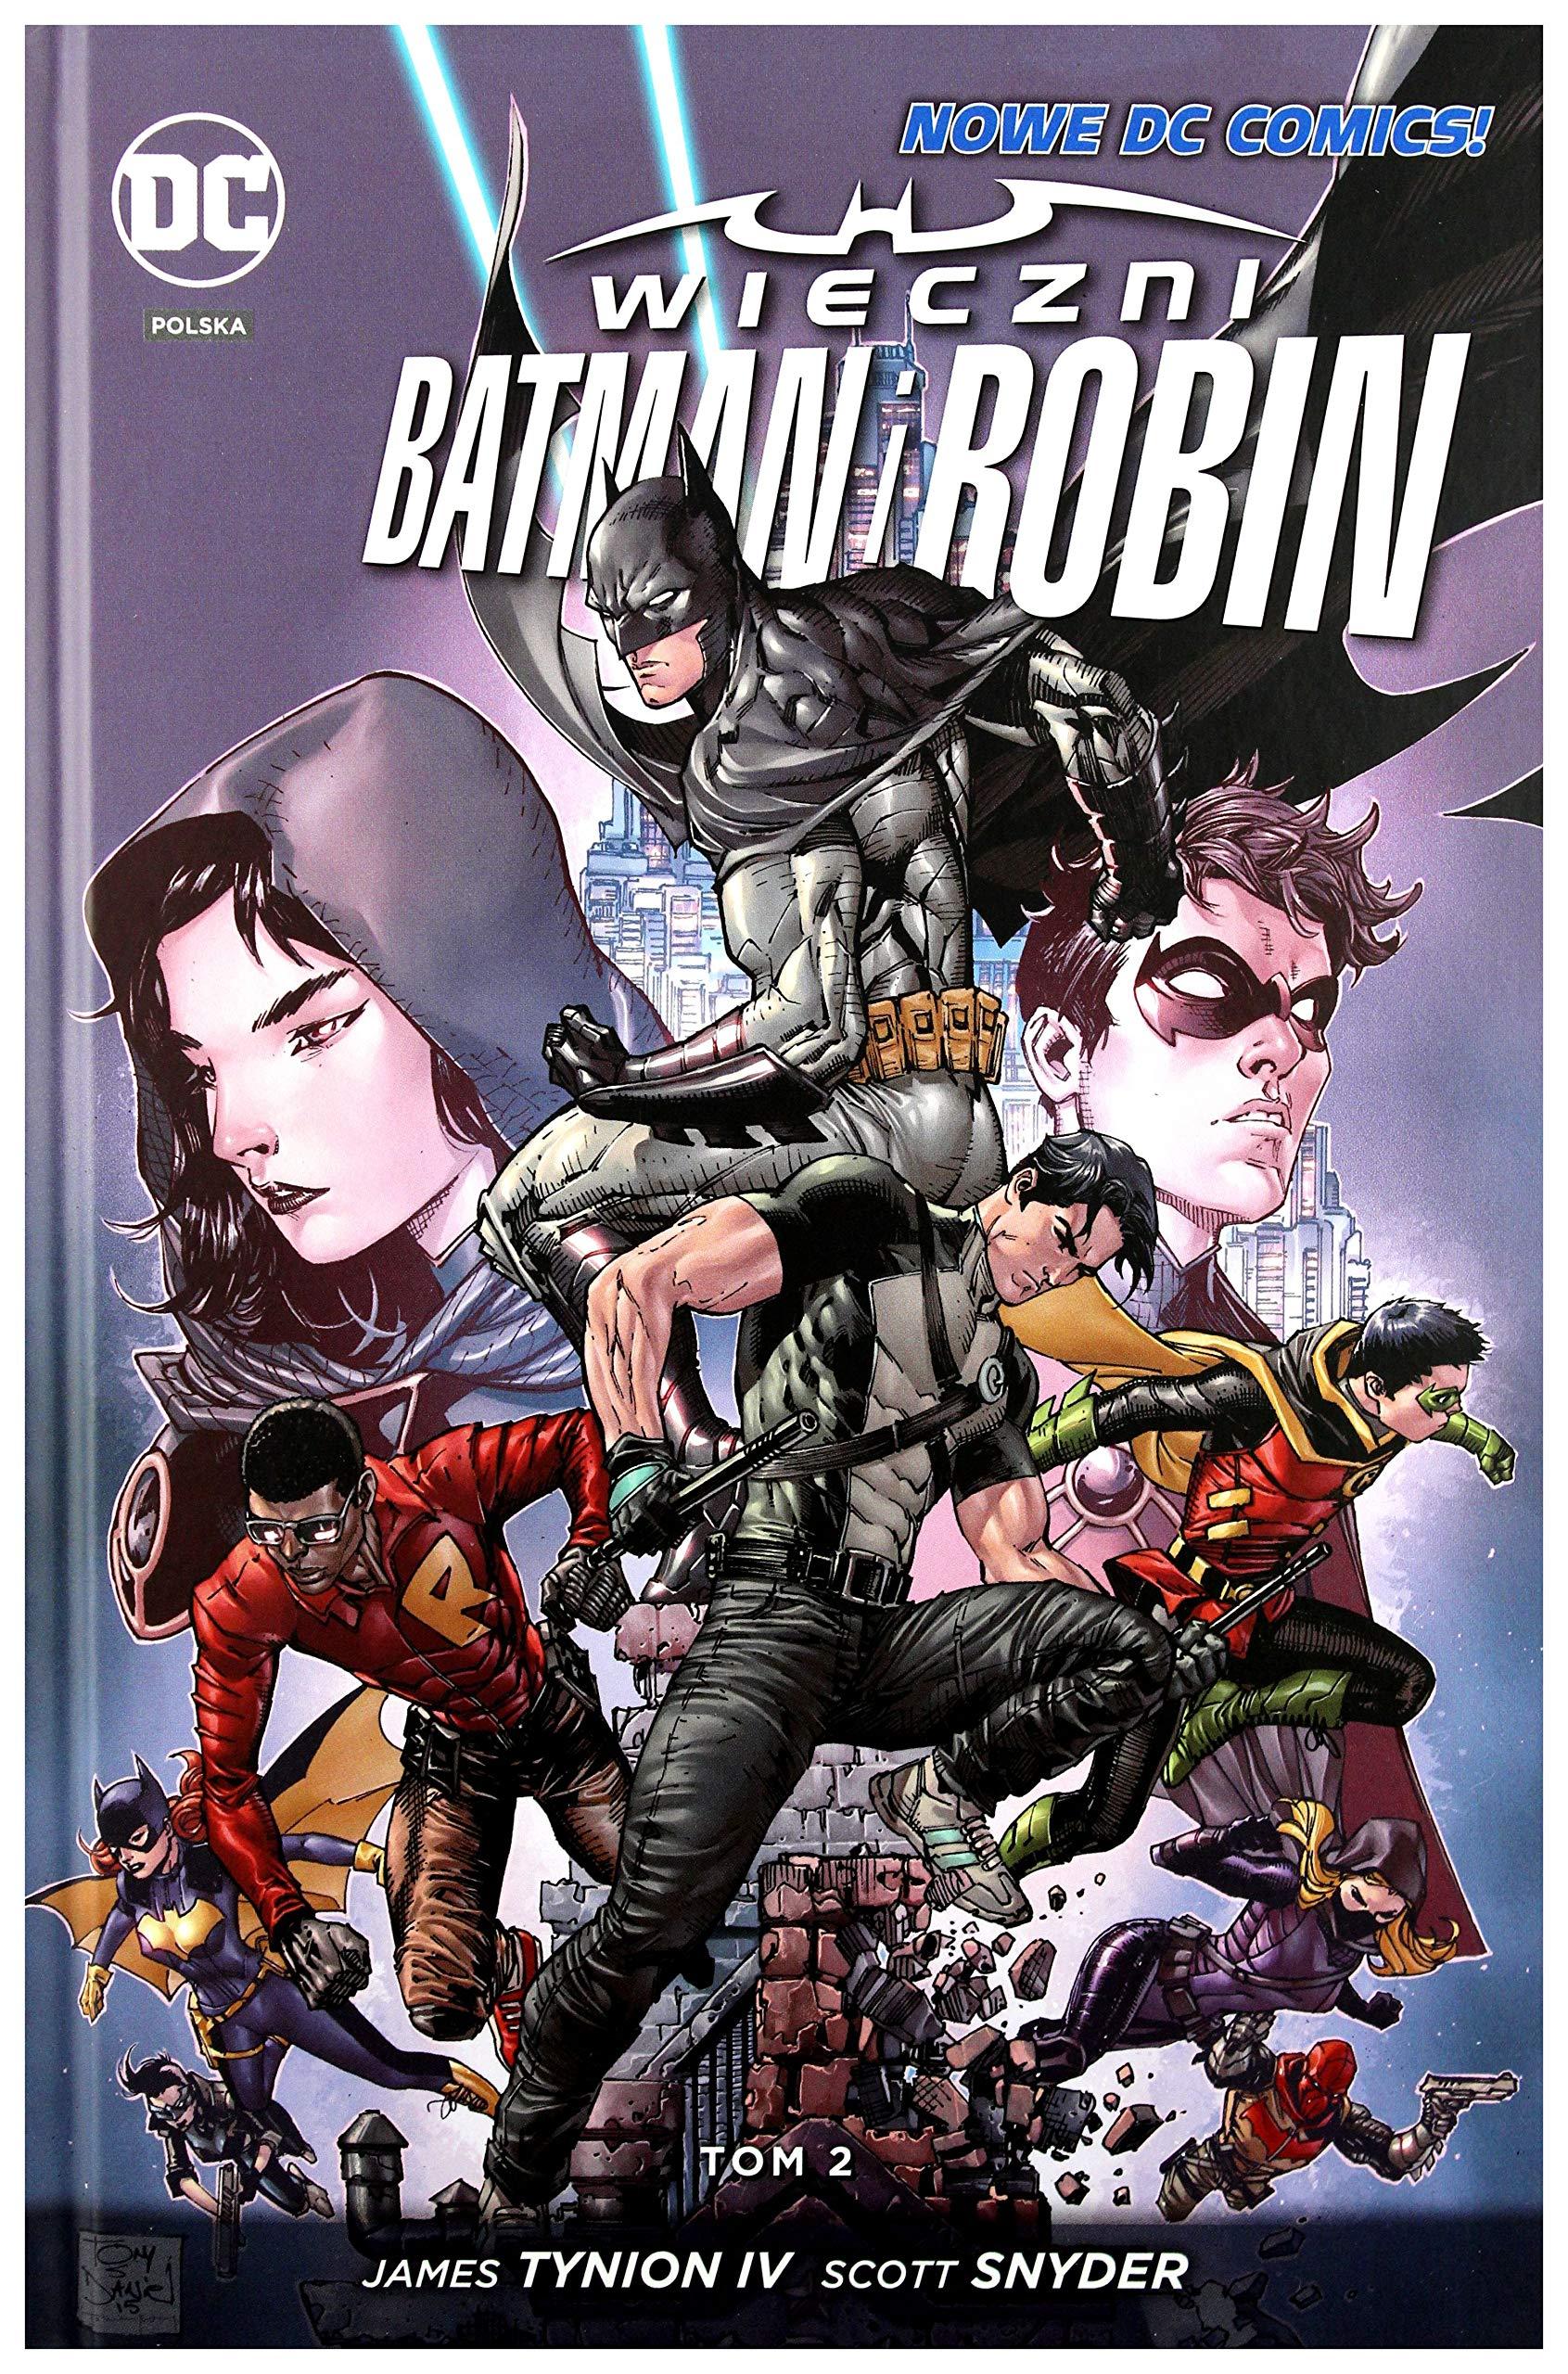 Wieczni Batman i Robin. Tom 2 by Scott Snyder, James Tynion IV